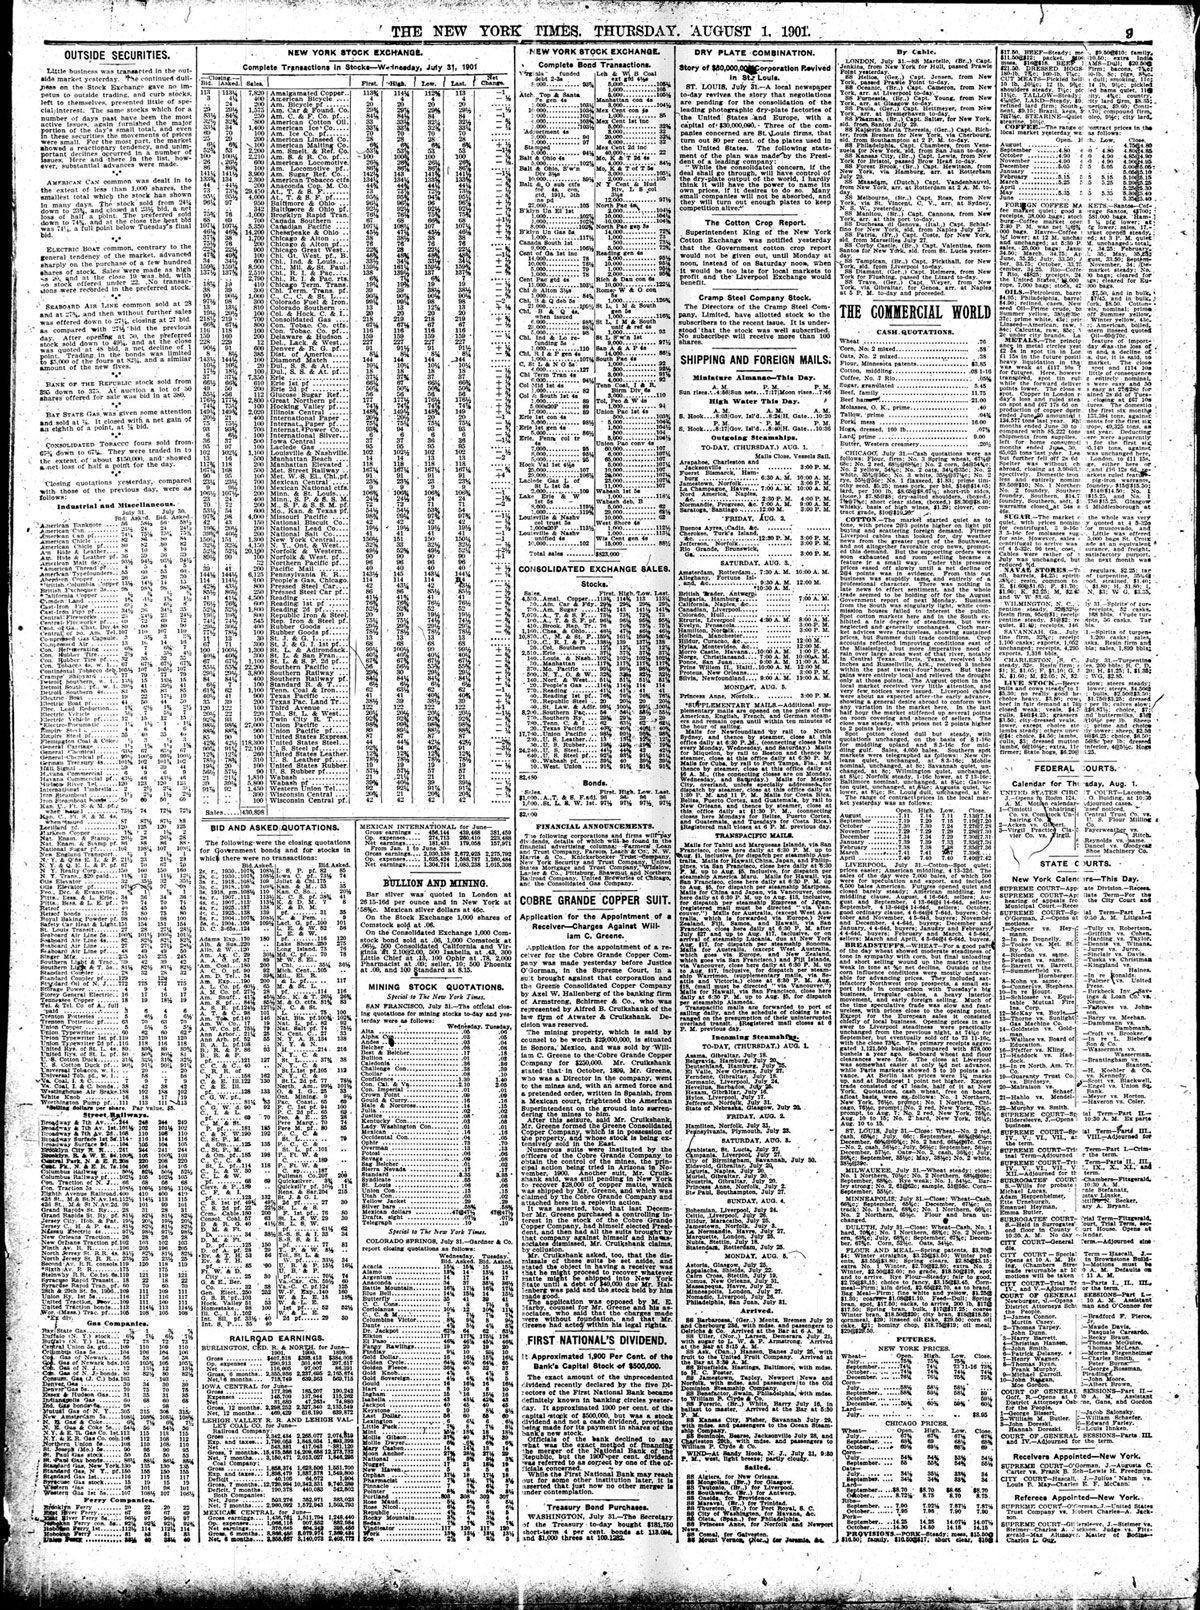 Página 9 de The New York Times, del 1 de agosto de 1901